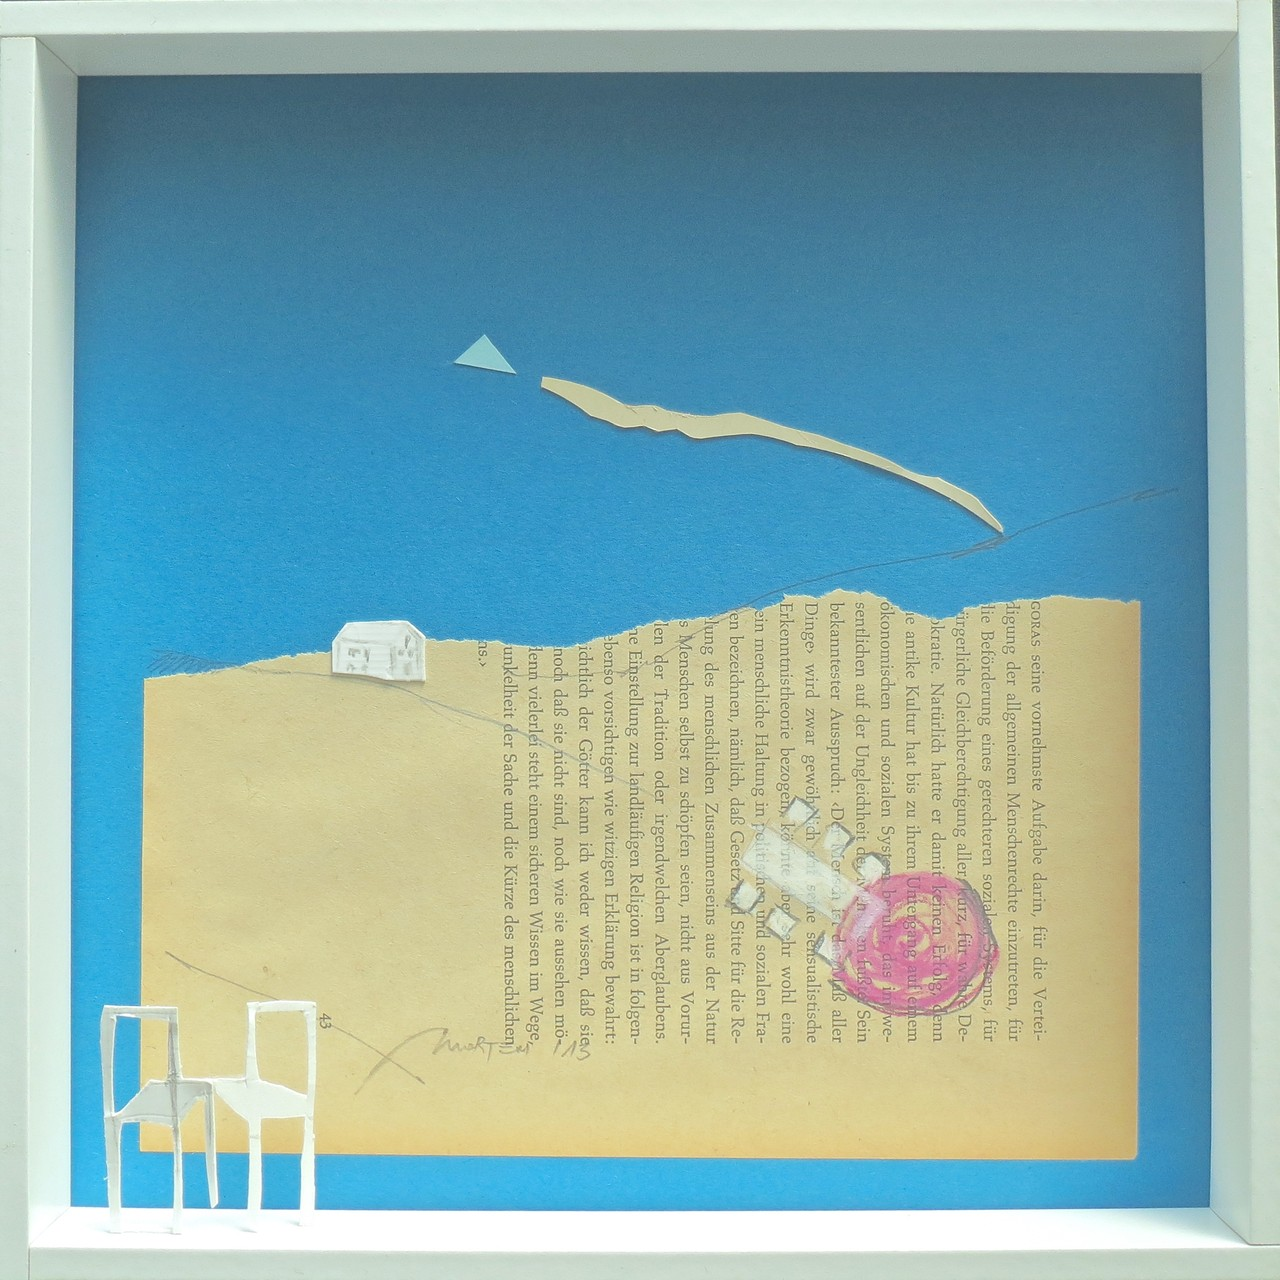 OMIS GARTENFEST, 2013, Johannes Morten, 25 x 25 cm, Graphit, Ölkreide,Papier und Pappe